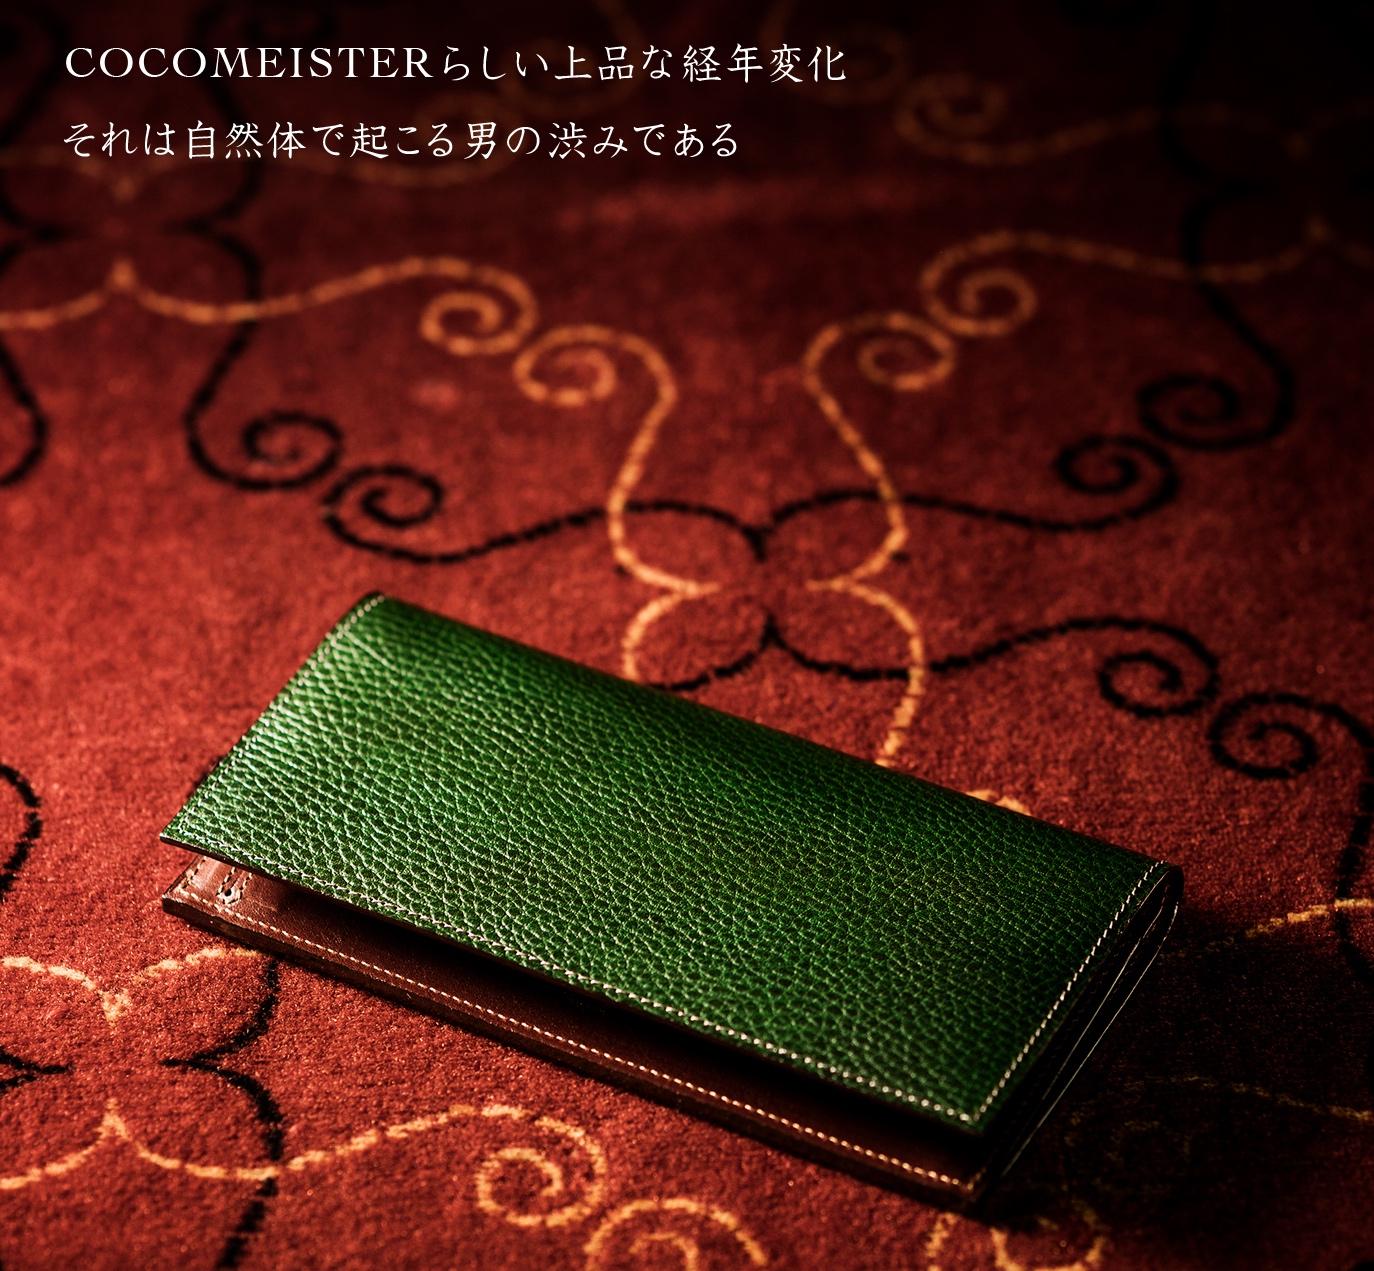 ココマイスター(COCOMEISTER)のロッソピエトラの革財布